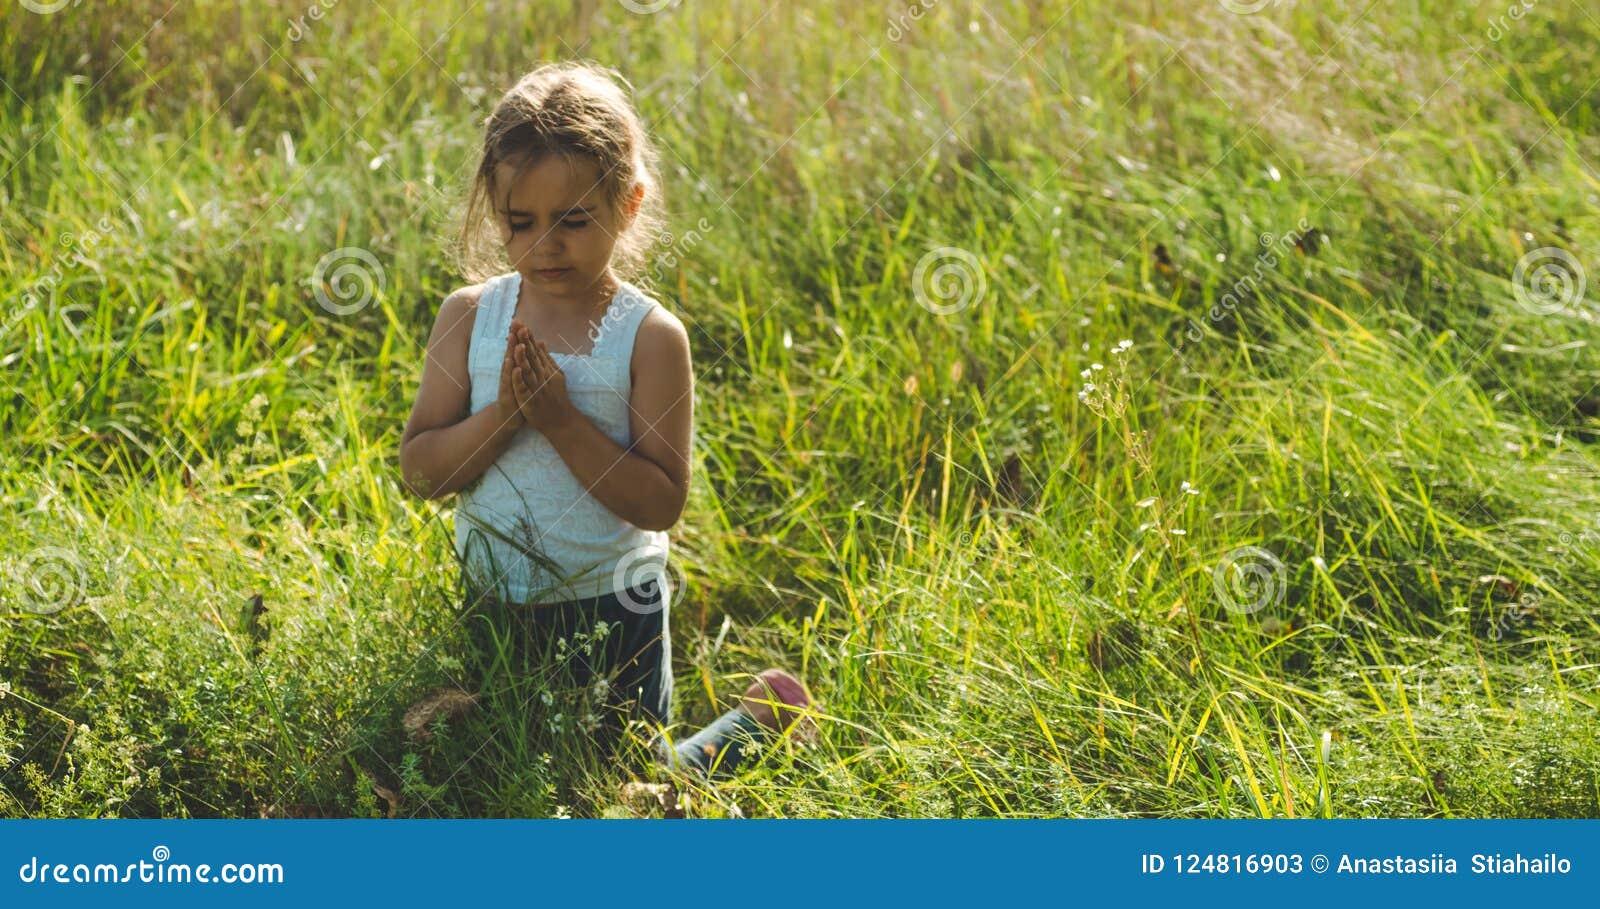 La niña la cerró los ojos que rogaba en la puesta del sol Las manos doblaron en el concepto del rezo para la fe, la espiritualida